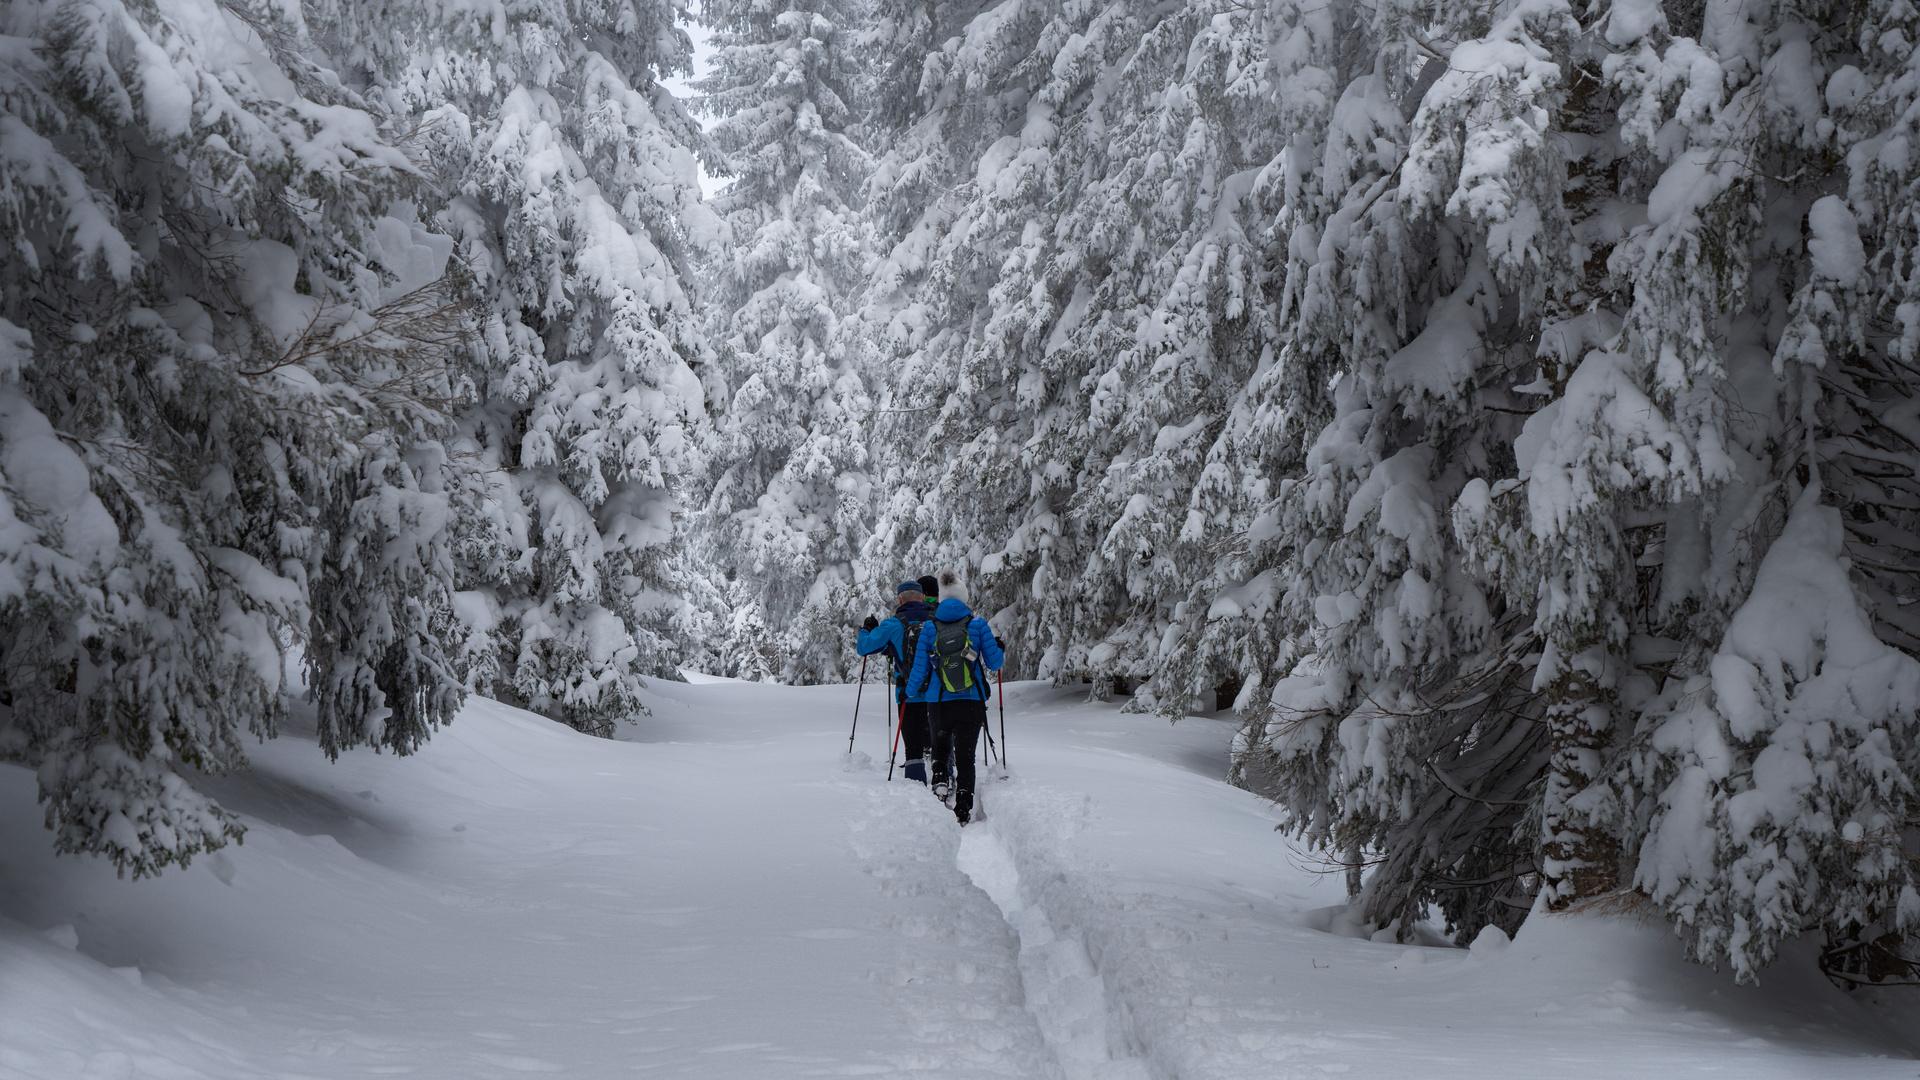 Wanderung im Winterwunderland